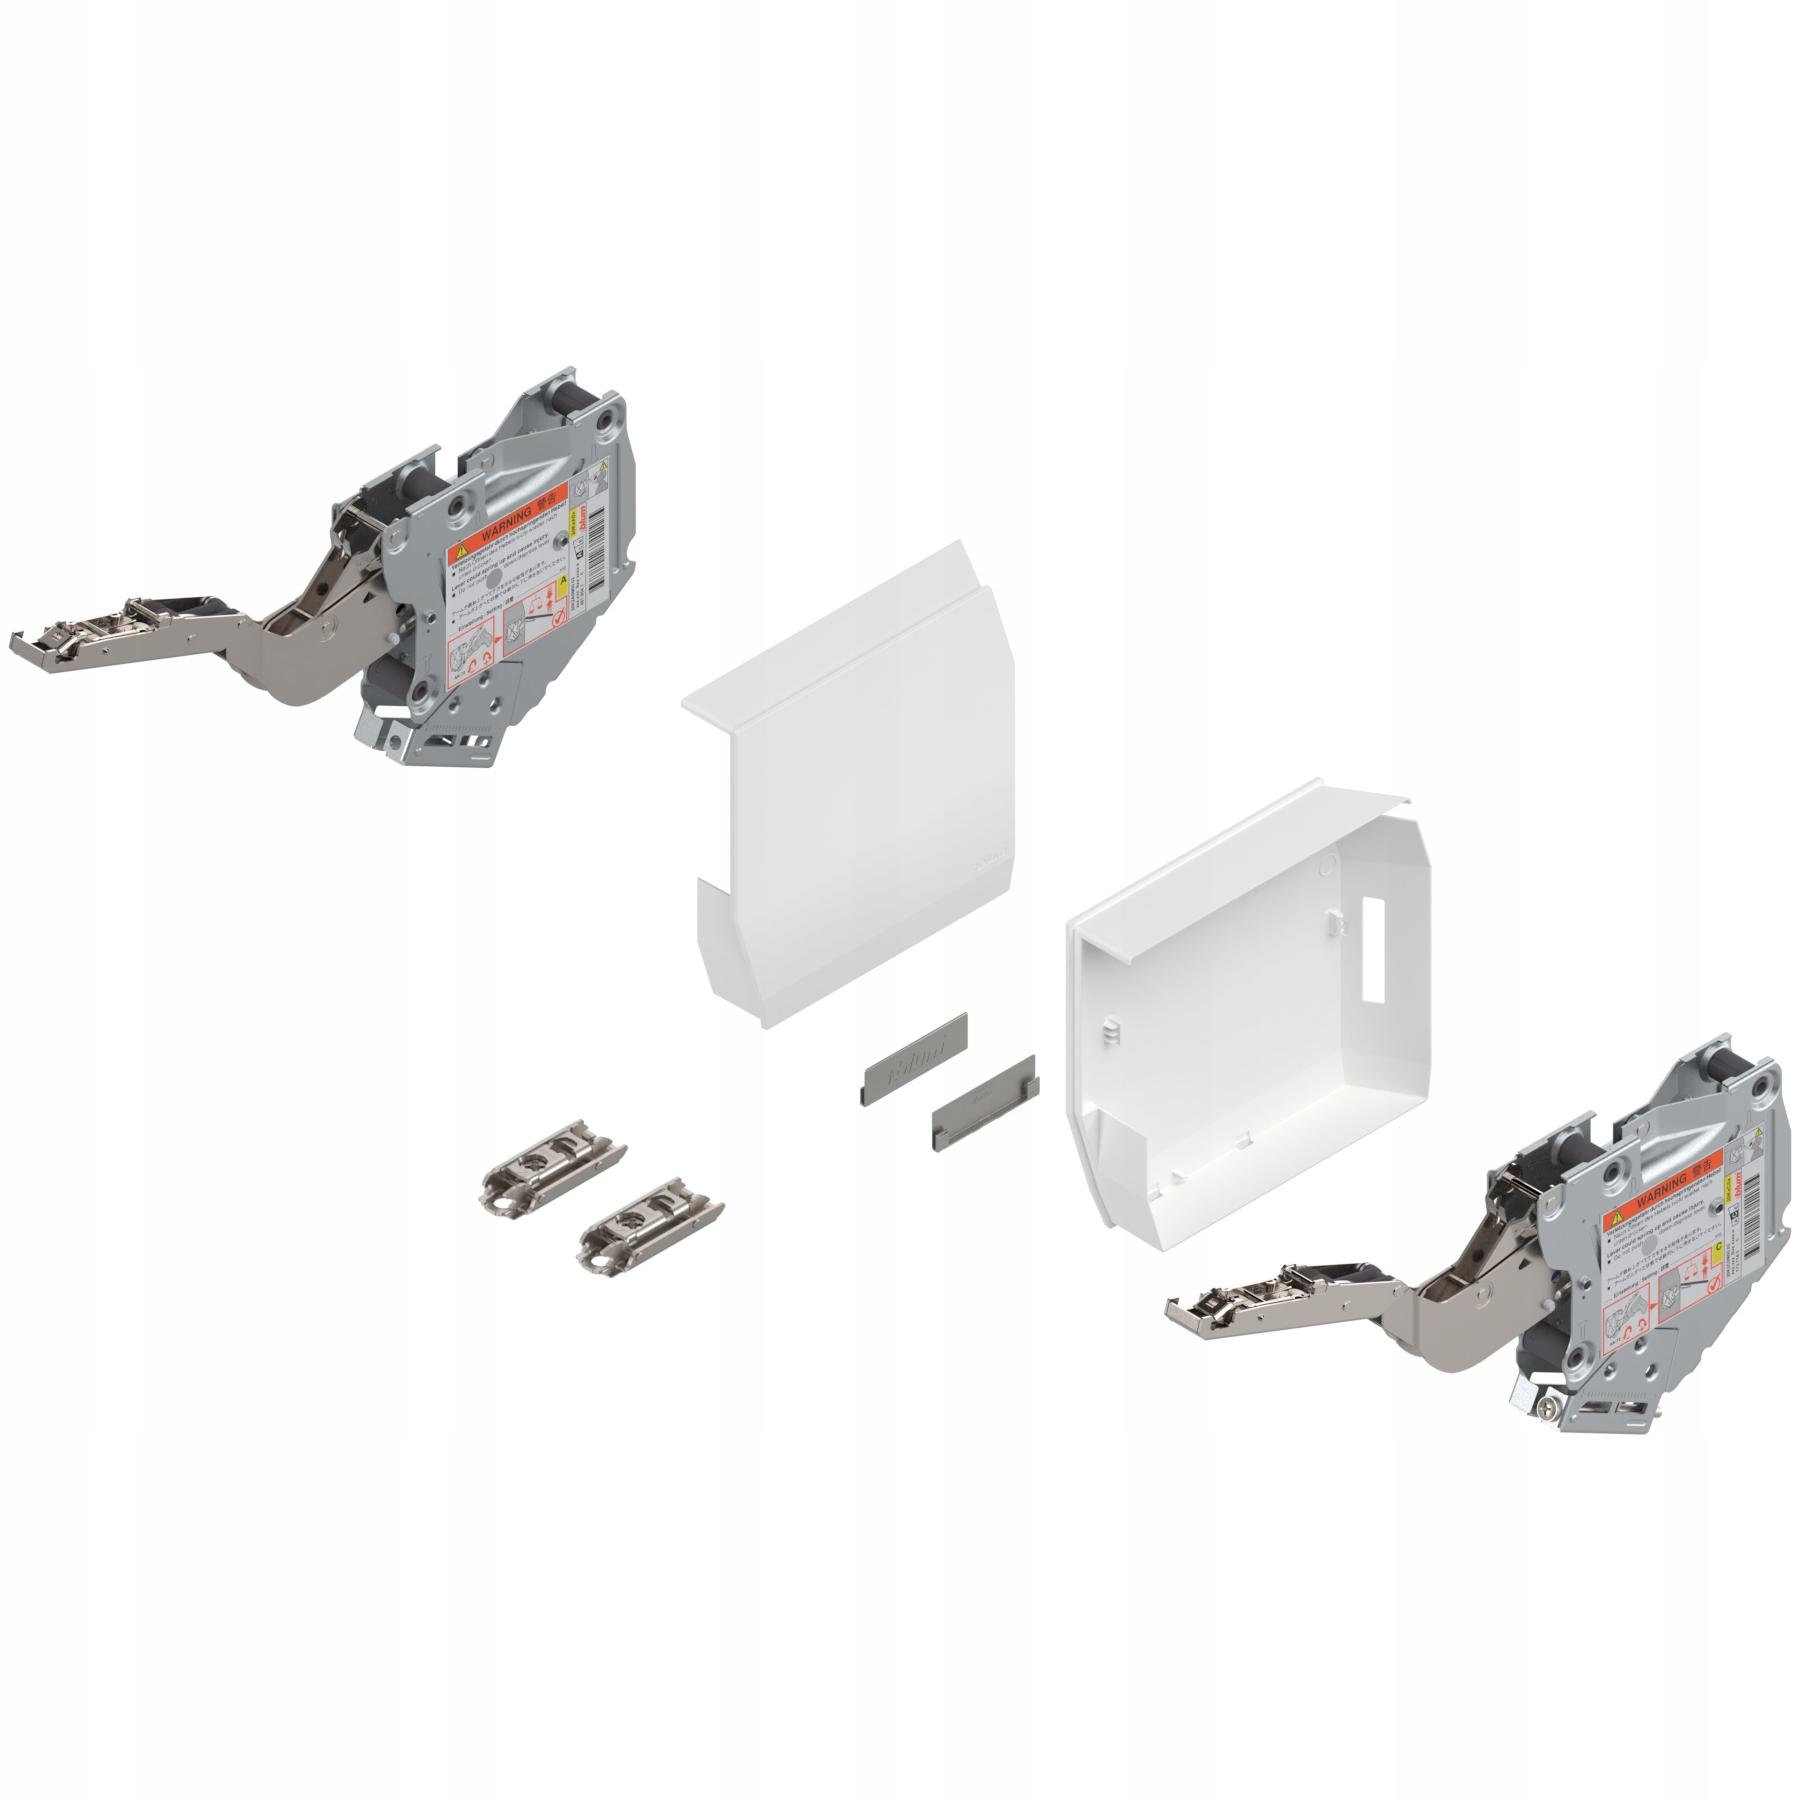 Aventos HK-S Blum najsilnejší 20K2E00 biely